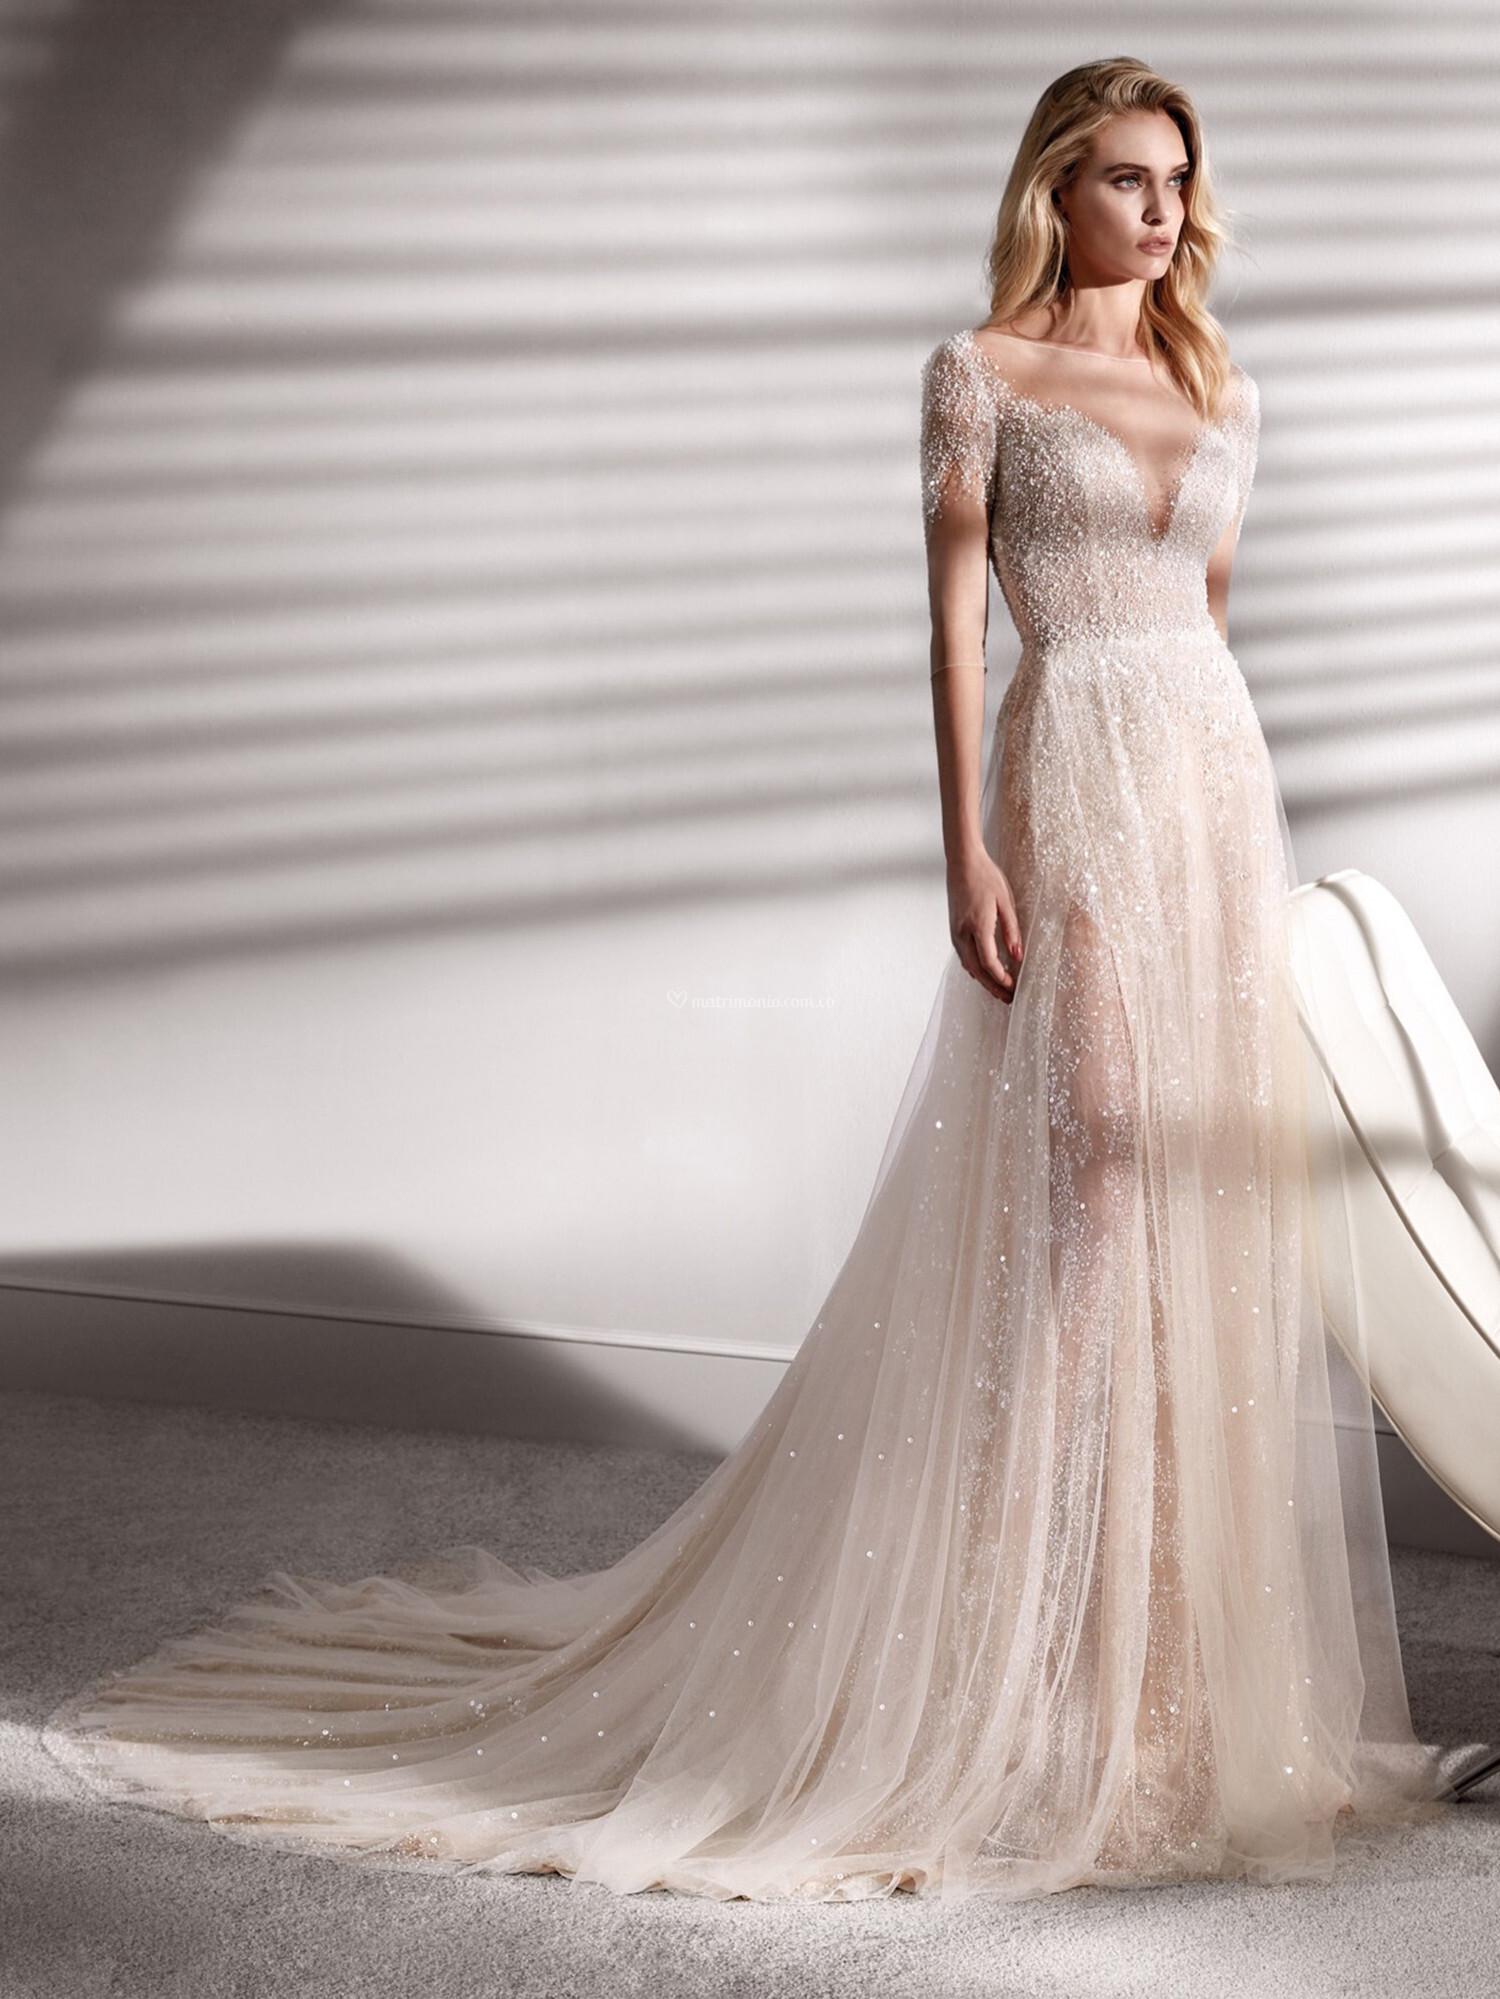 Vestidos de Novia - 2020 - Página 11 - Matrimonio.com.co